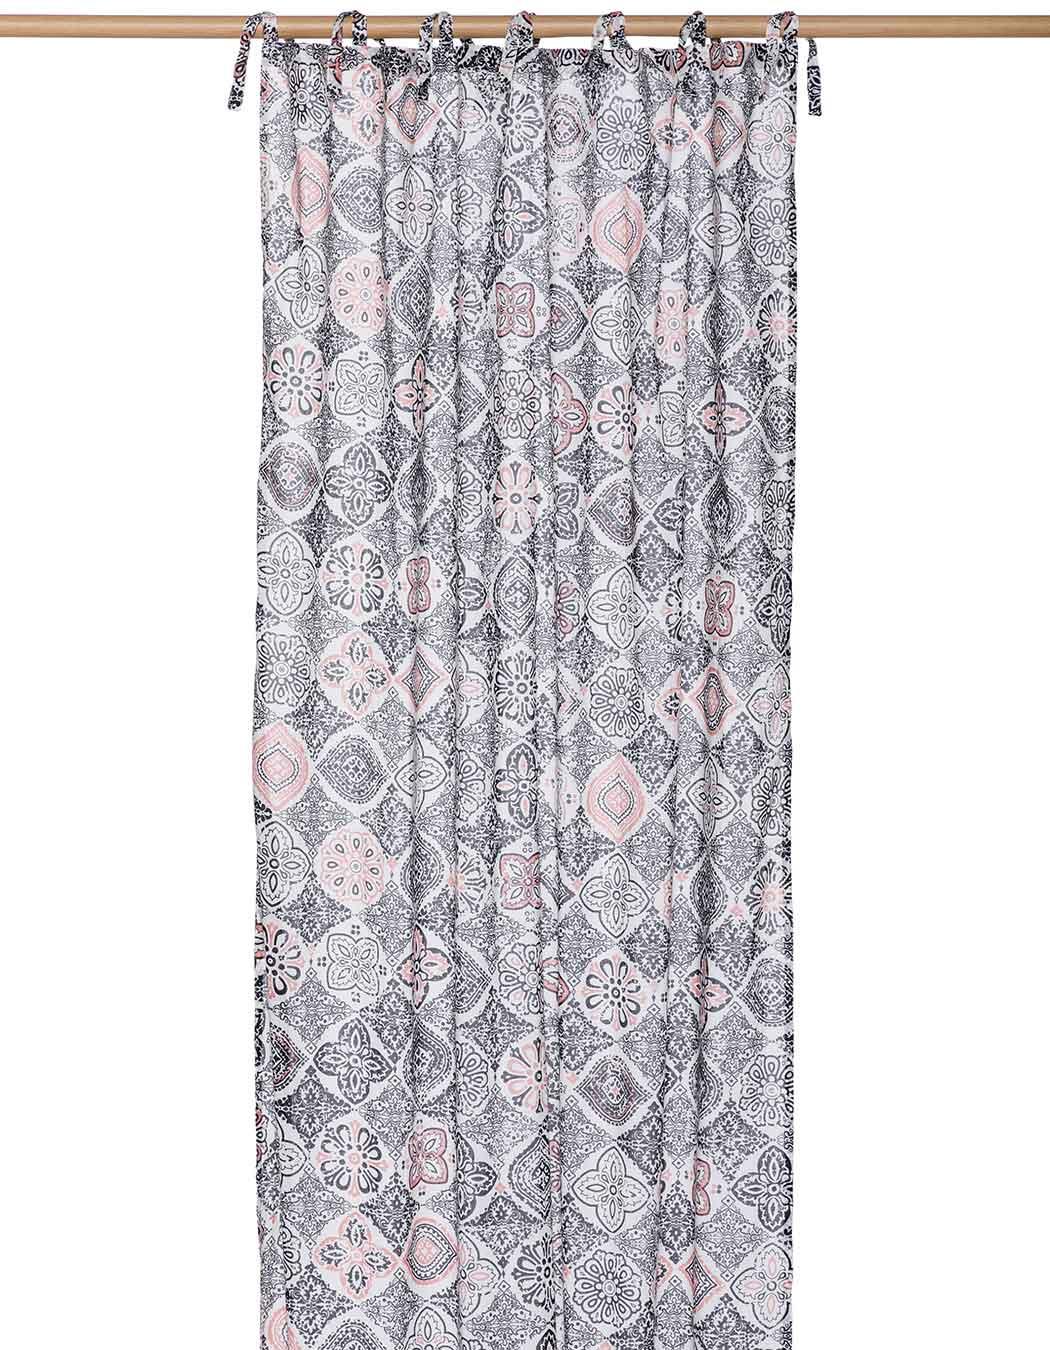 Rideau voile en coton anthracite 100 x 250